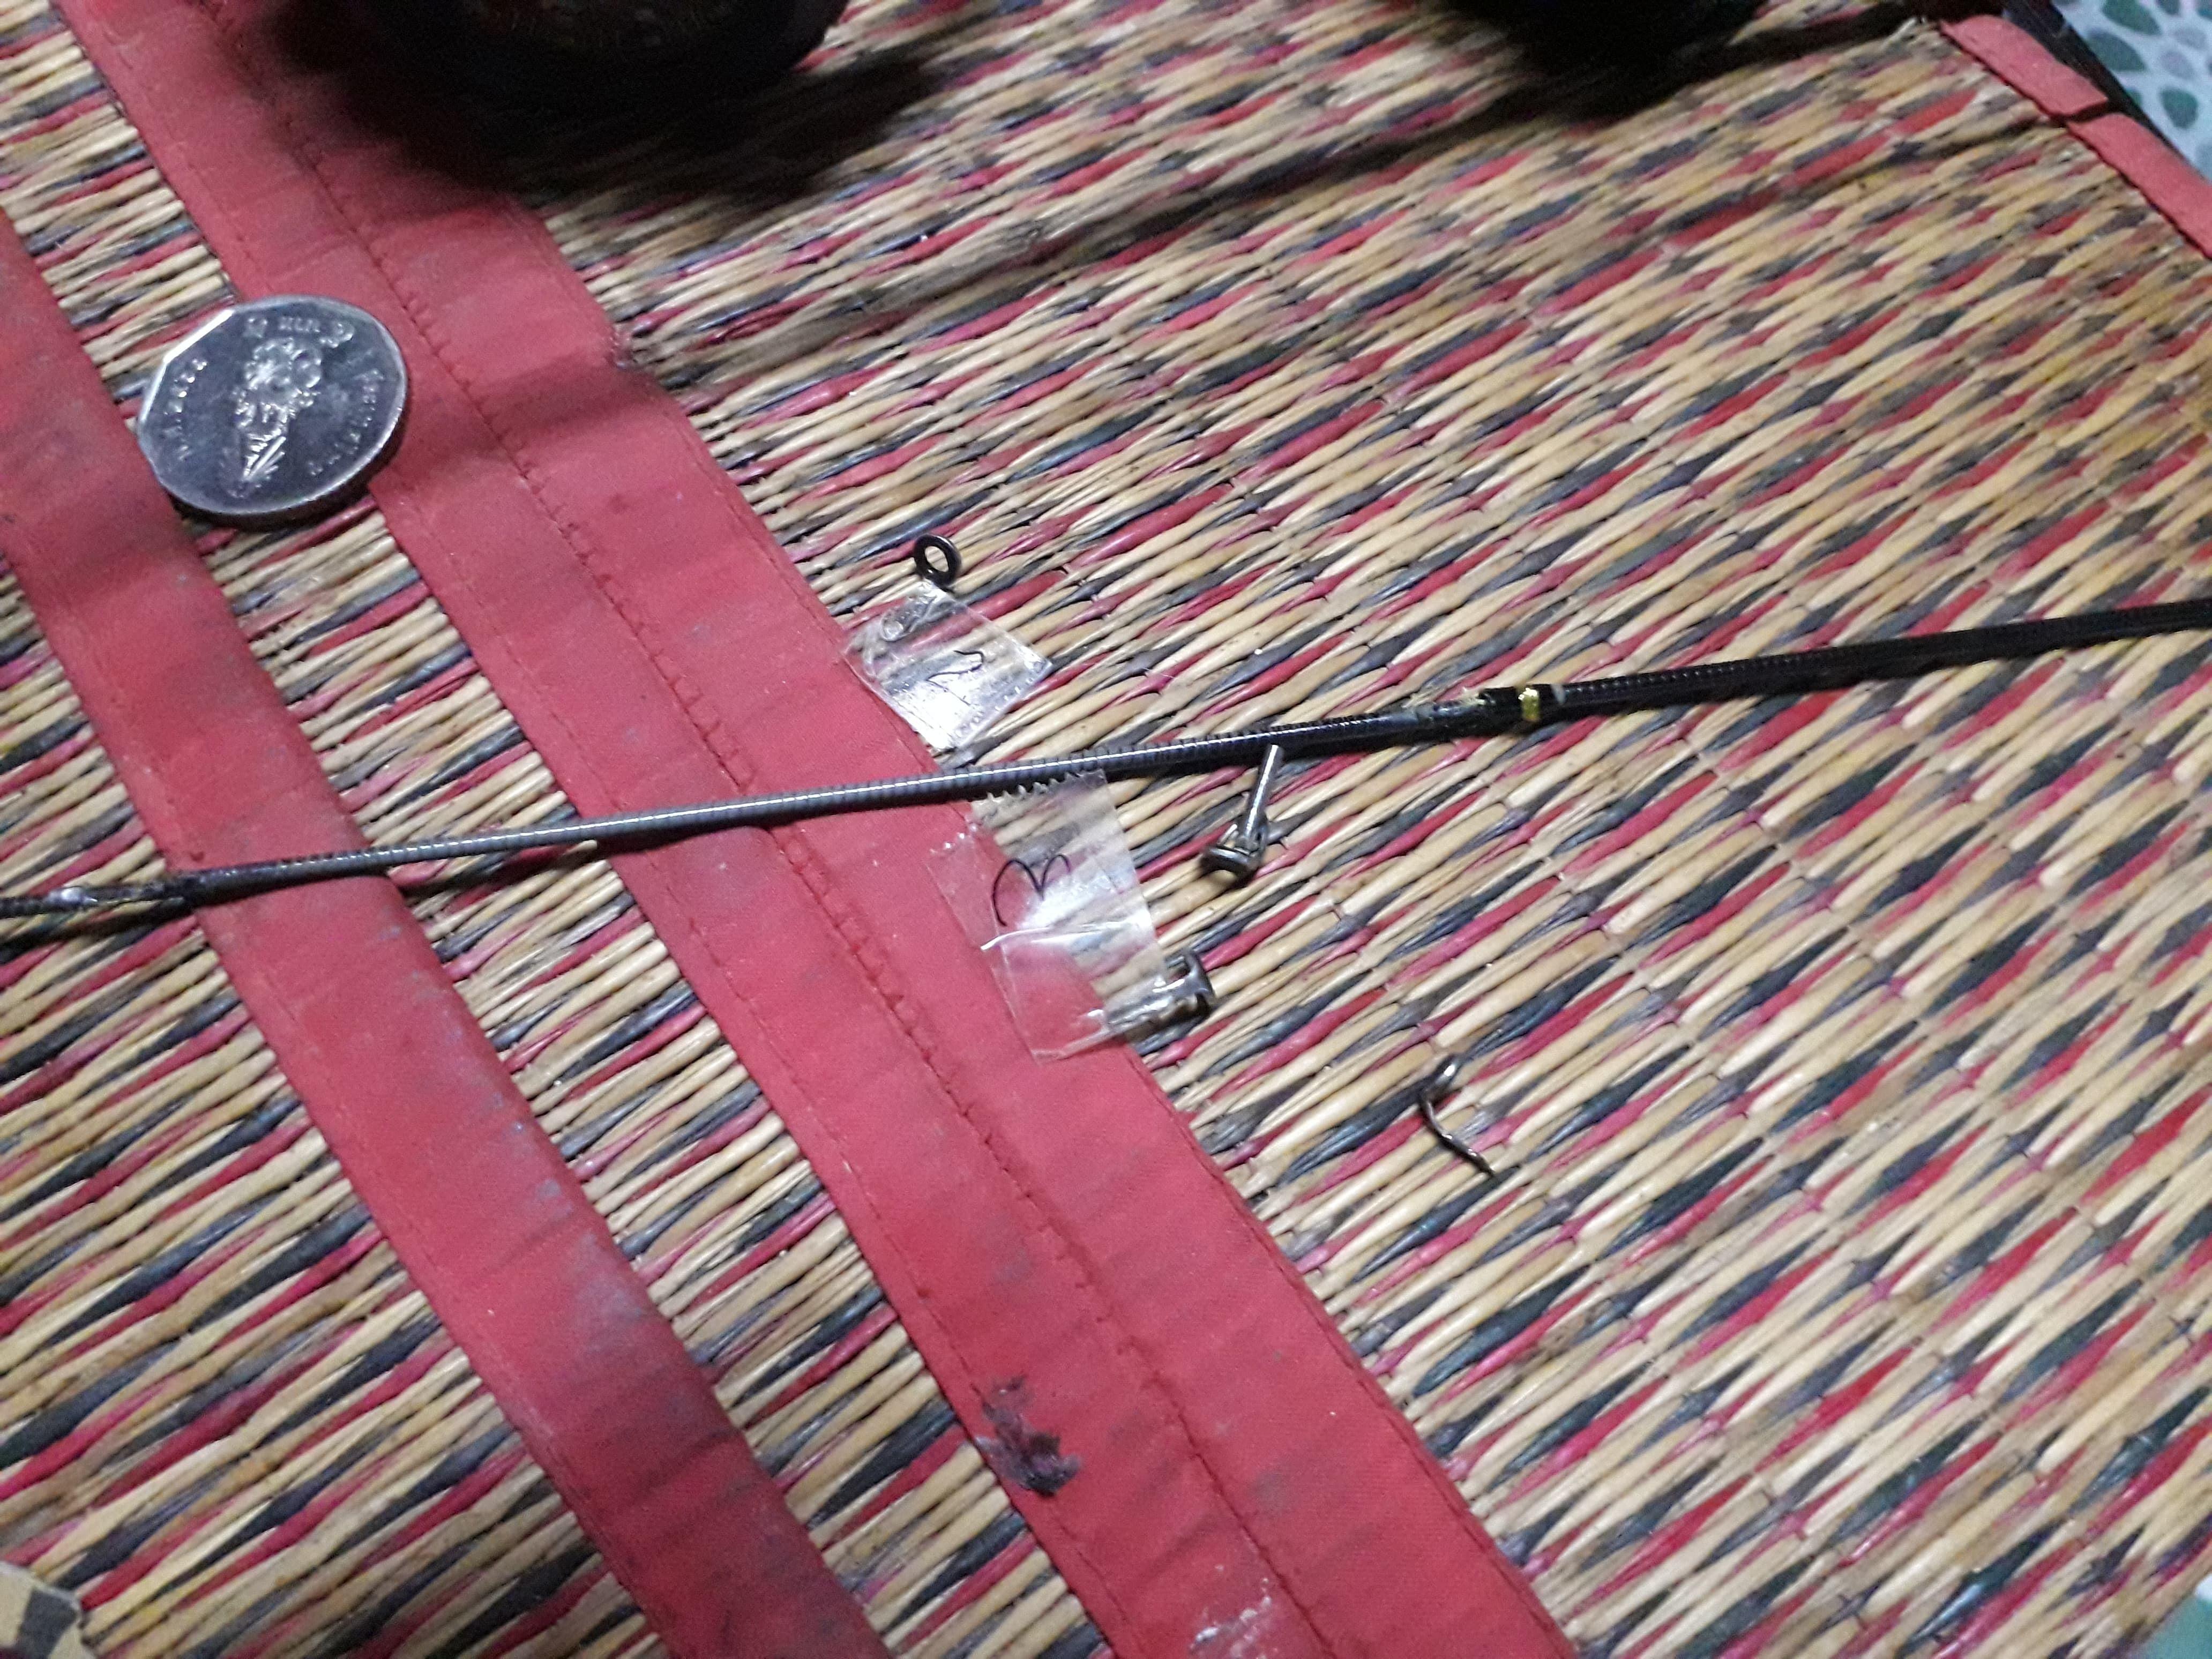 ซ่อมปลายคันหัก โดยยัดปลายโซลิต..